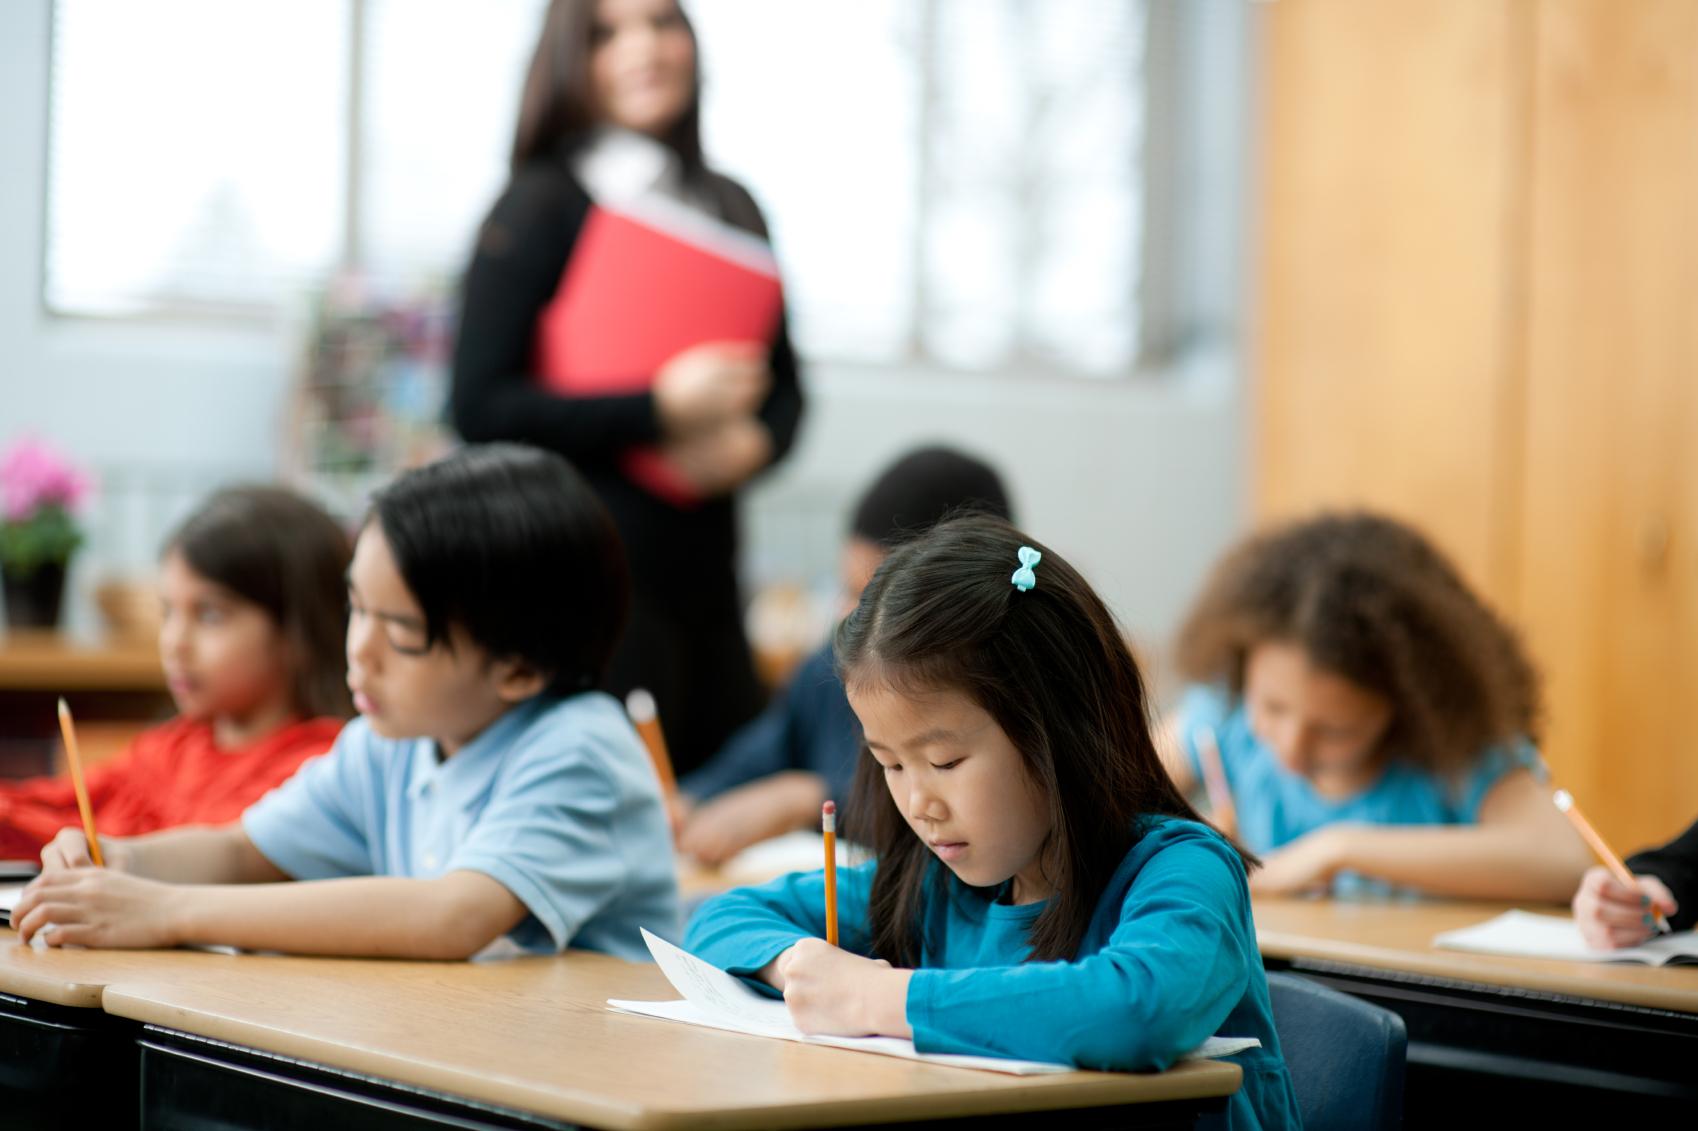 Các từ vựng tiếng Anh mẫu giáo sẽ là bước đệm quan trọng giúp trẻ nâng cao và cải thiện các kỹ năng tiếng Anh sau này